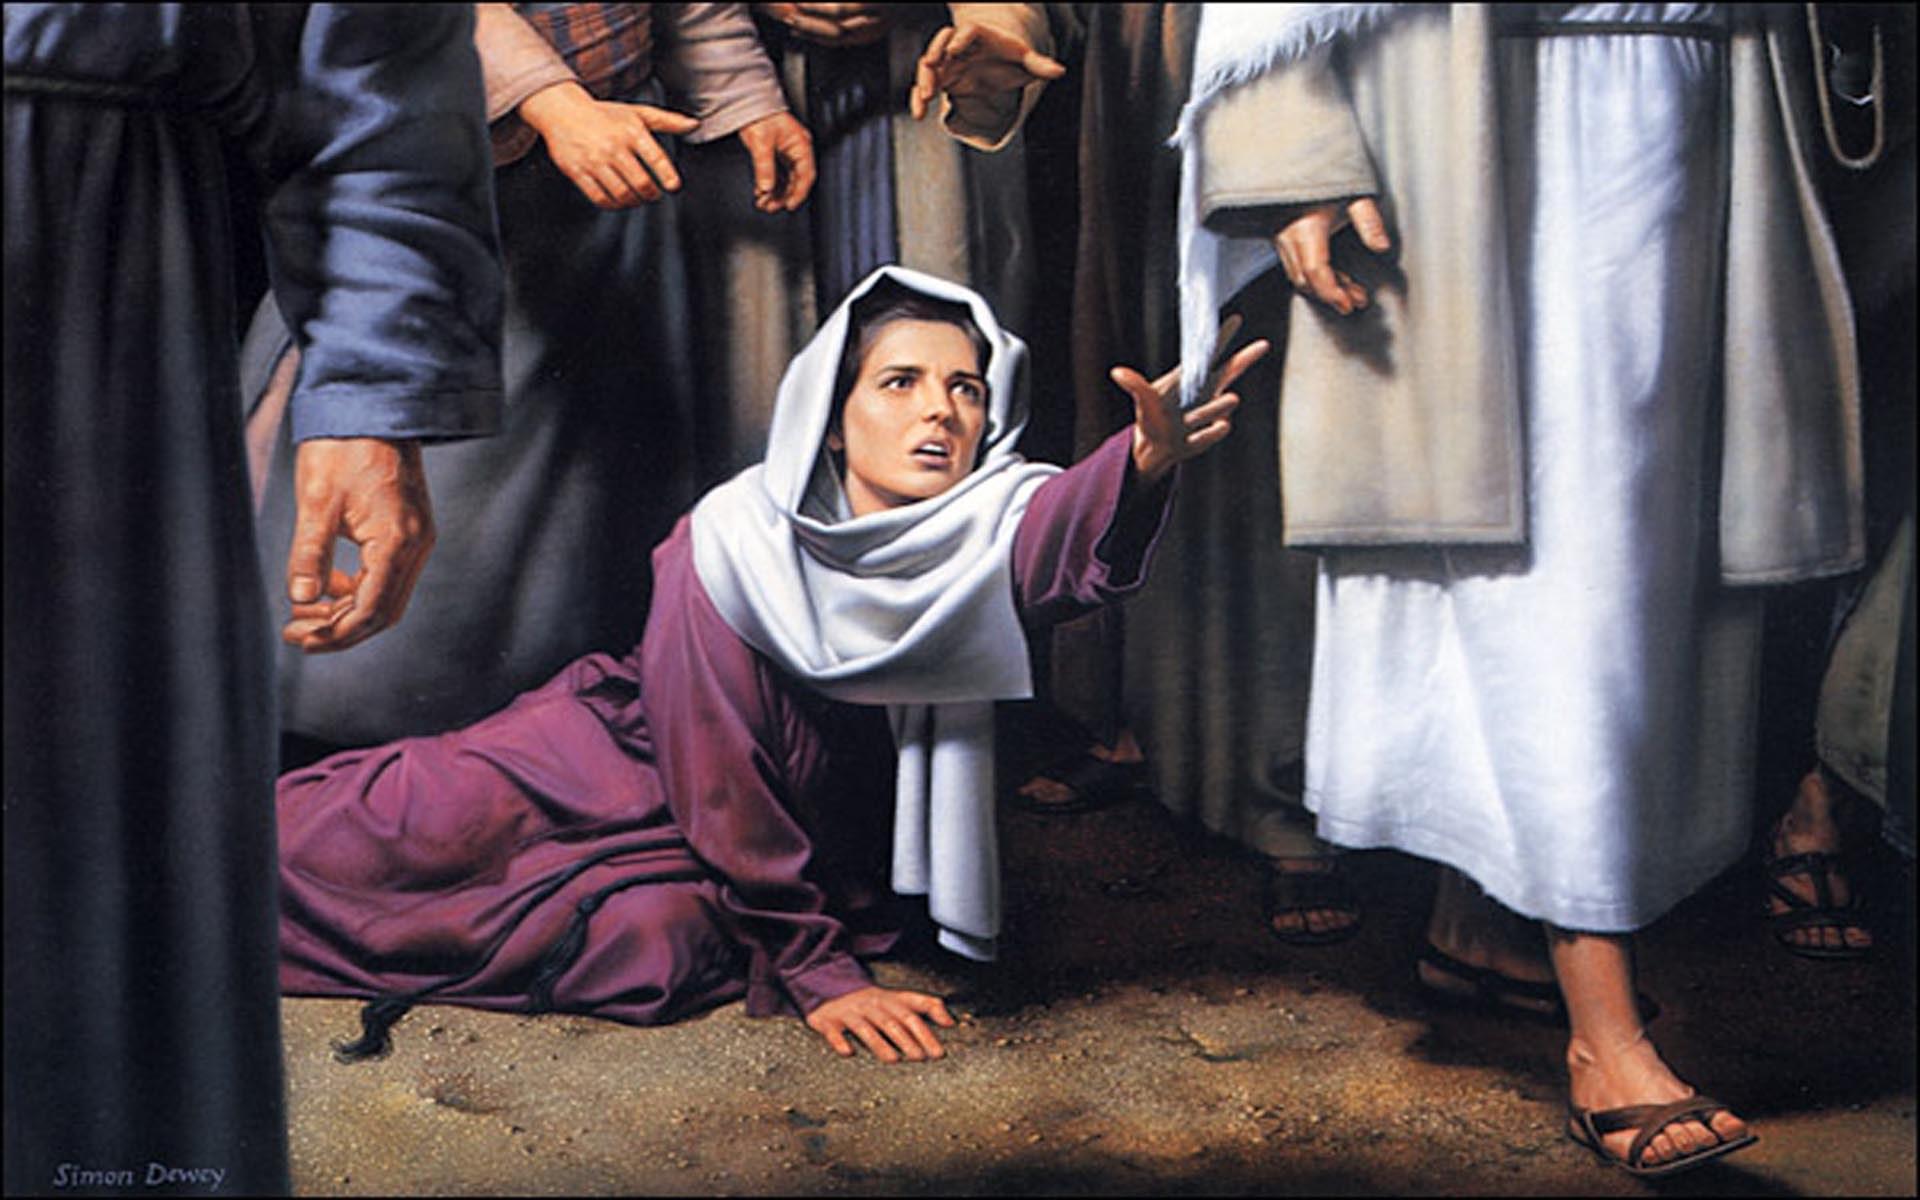 Hiệu quả của lòng tin (Bài giảng Chúa nhật XIII thường niên B)